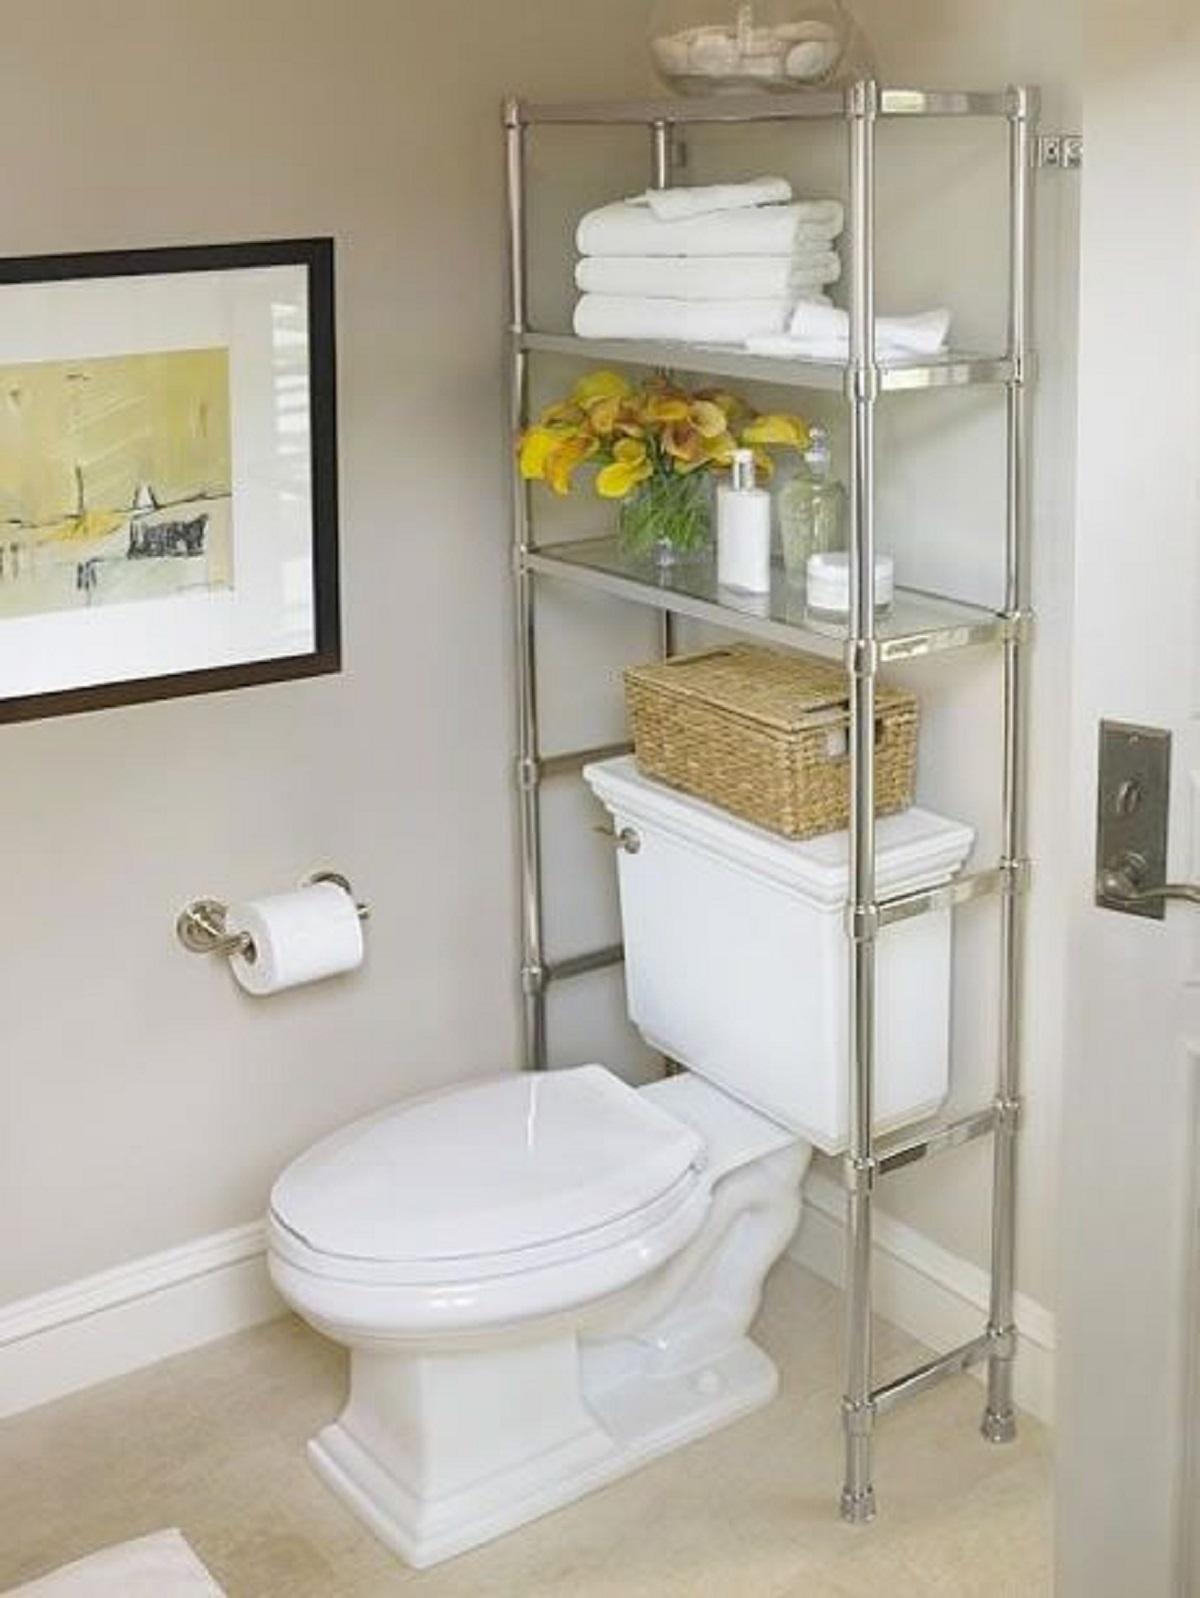 Организация пространства в ванной комнате фото 13